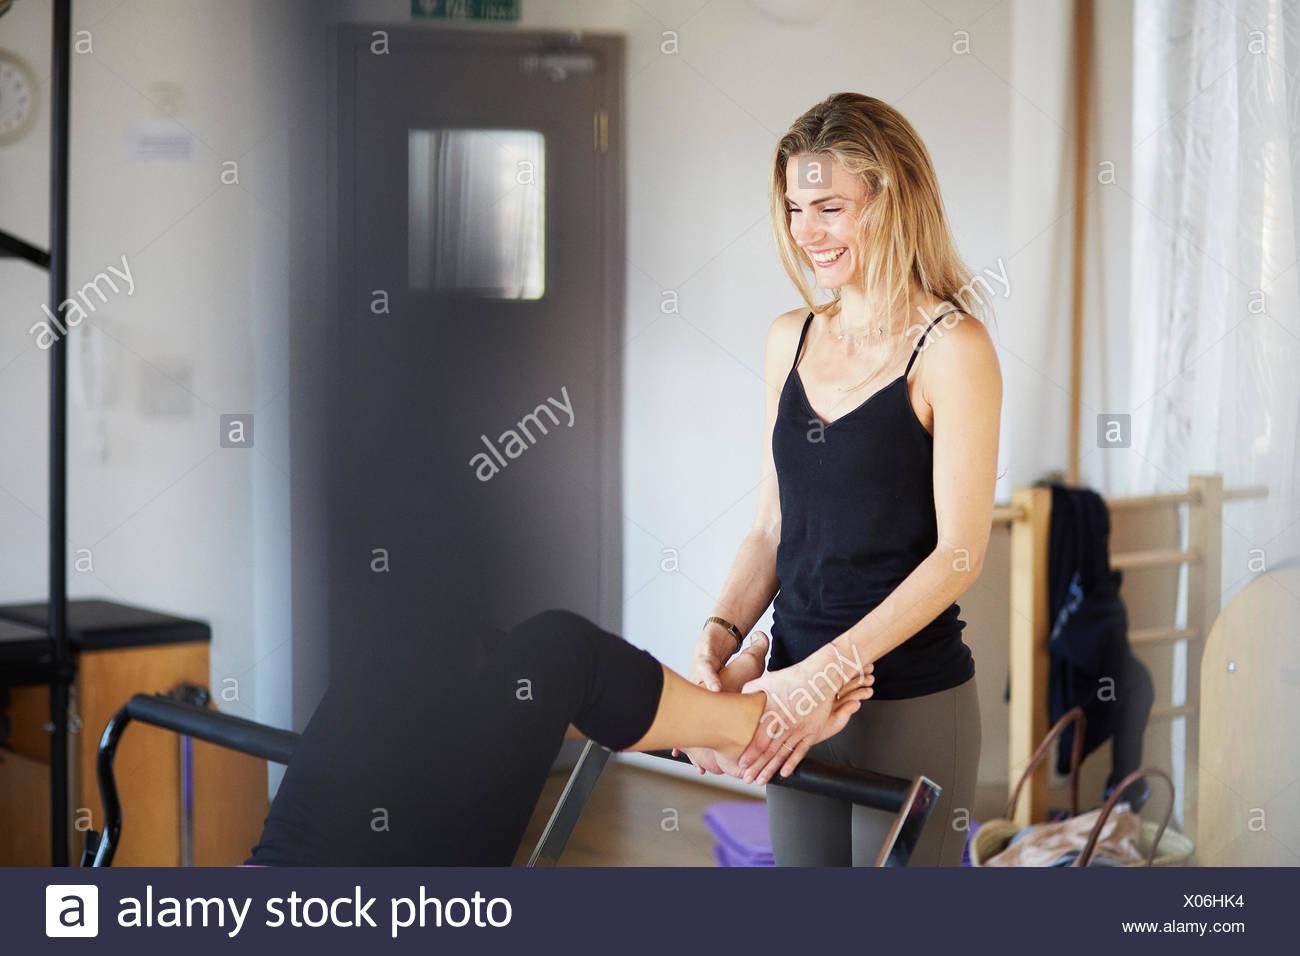 Teacher holding feet of female student lying on reformer in pilates gym - Stock Image